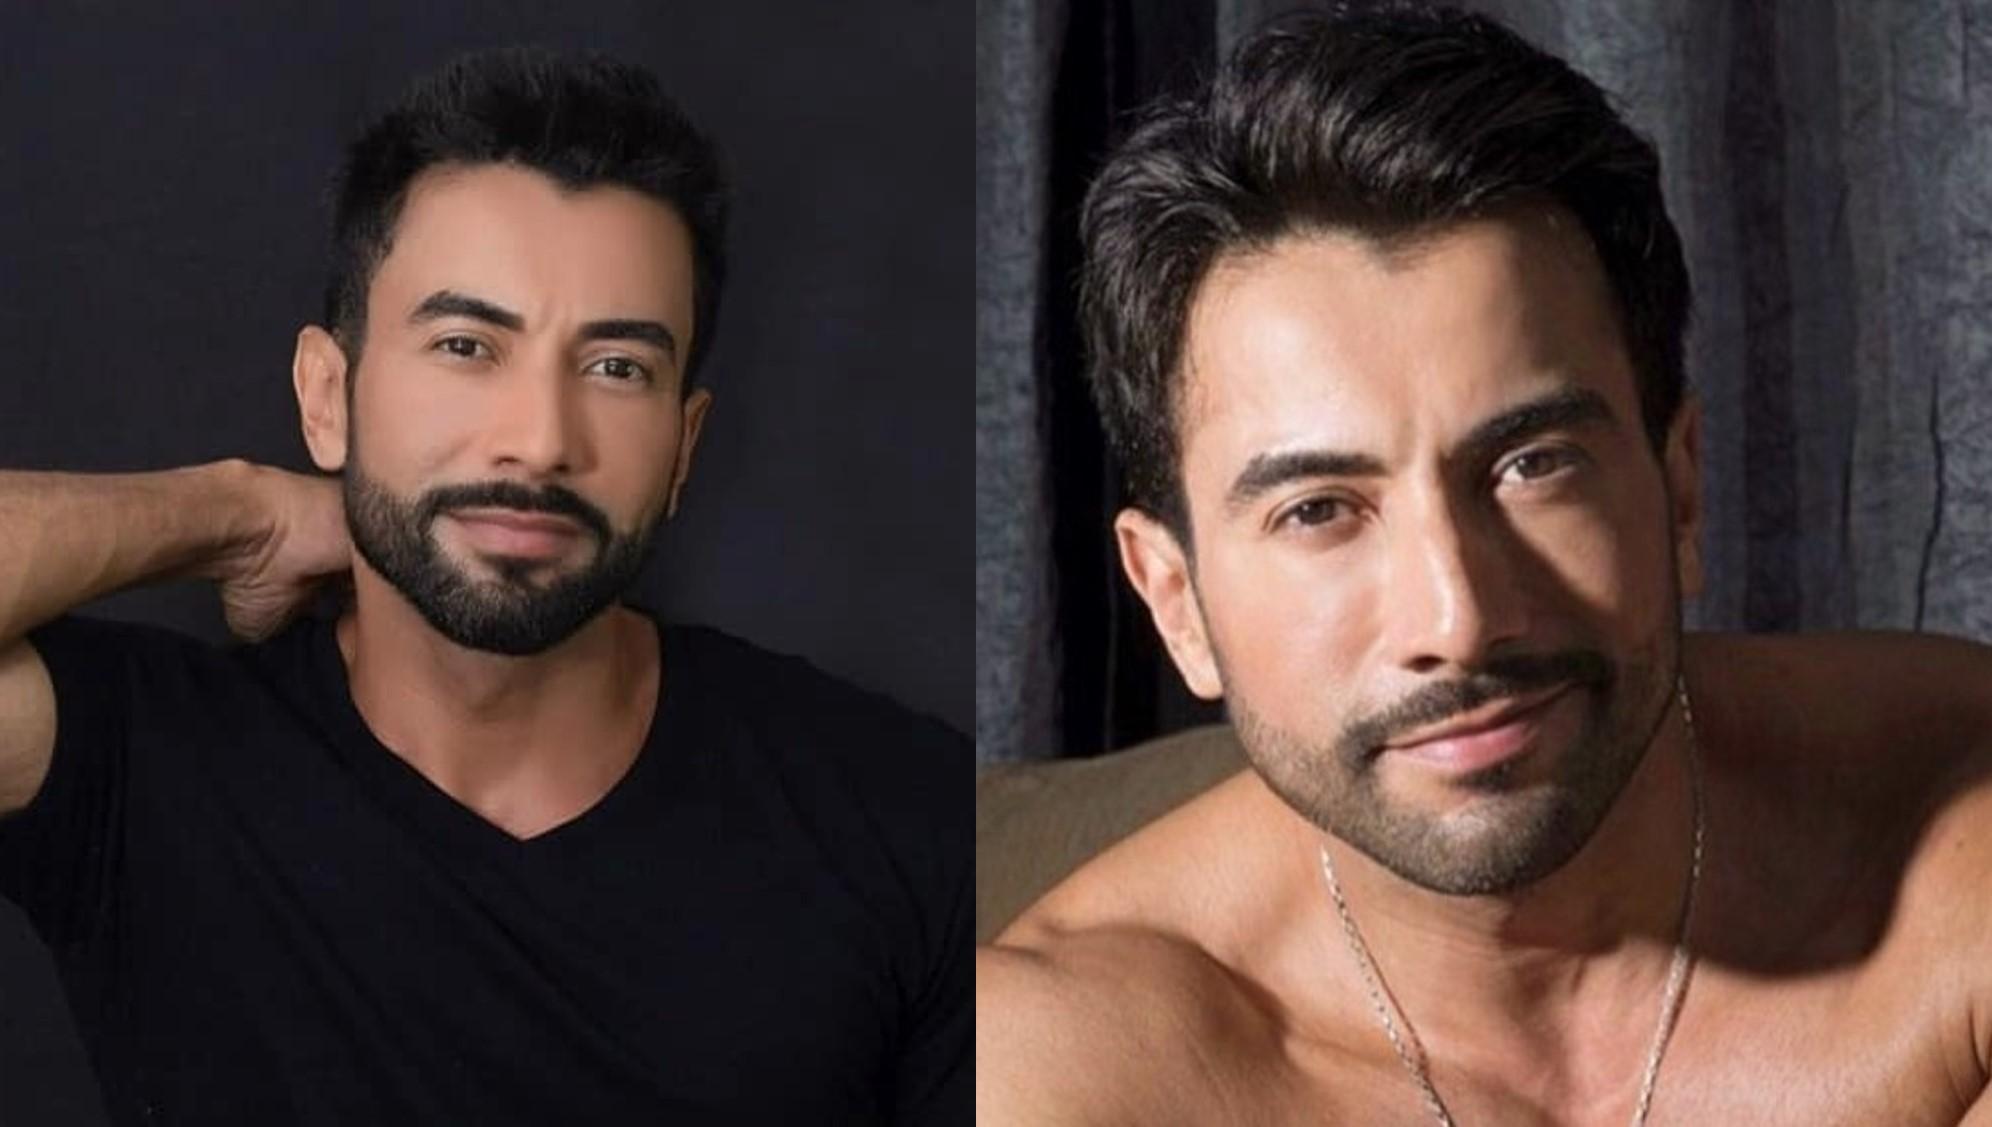 Câmeras de segurança registraram os últimos momentos do ator Luiz Carlos Araújo e gravação trouxe revelações